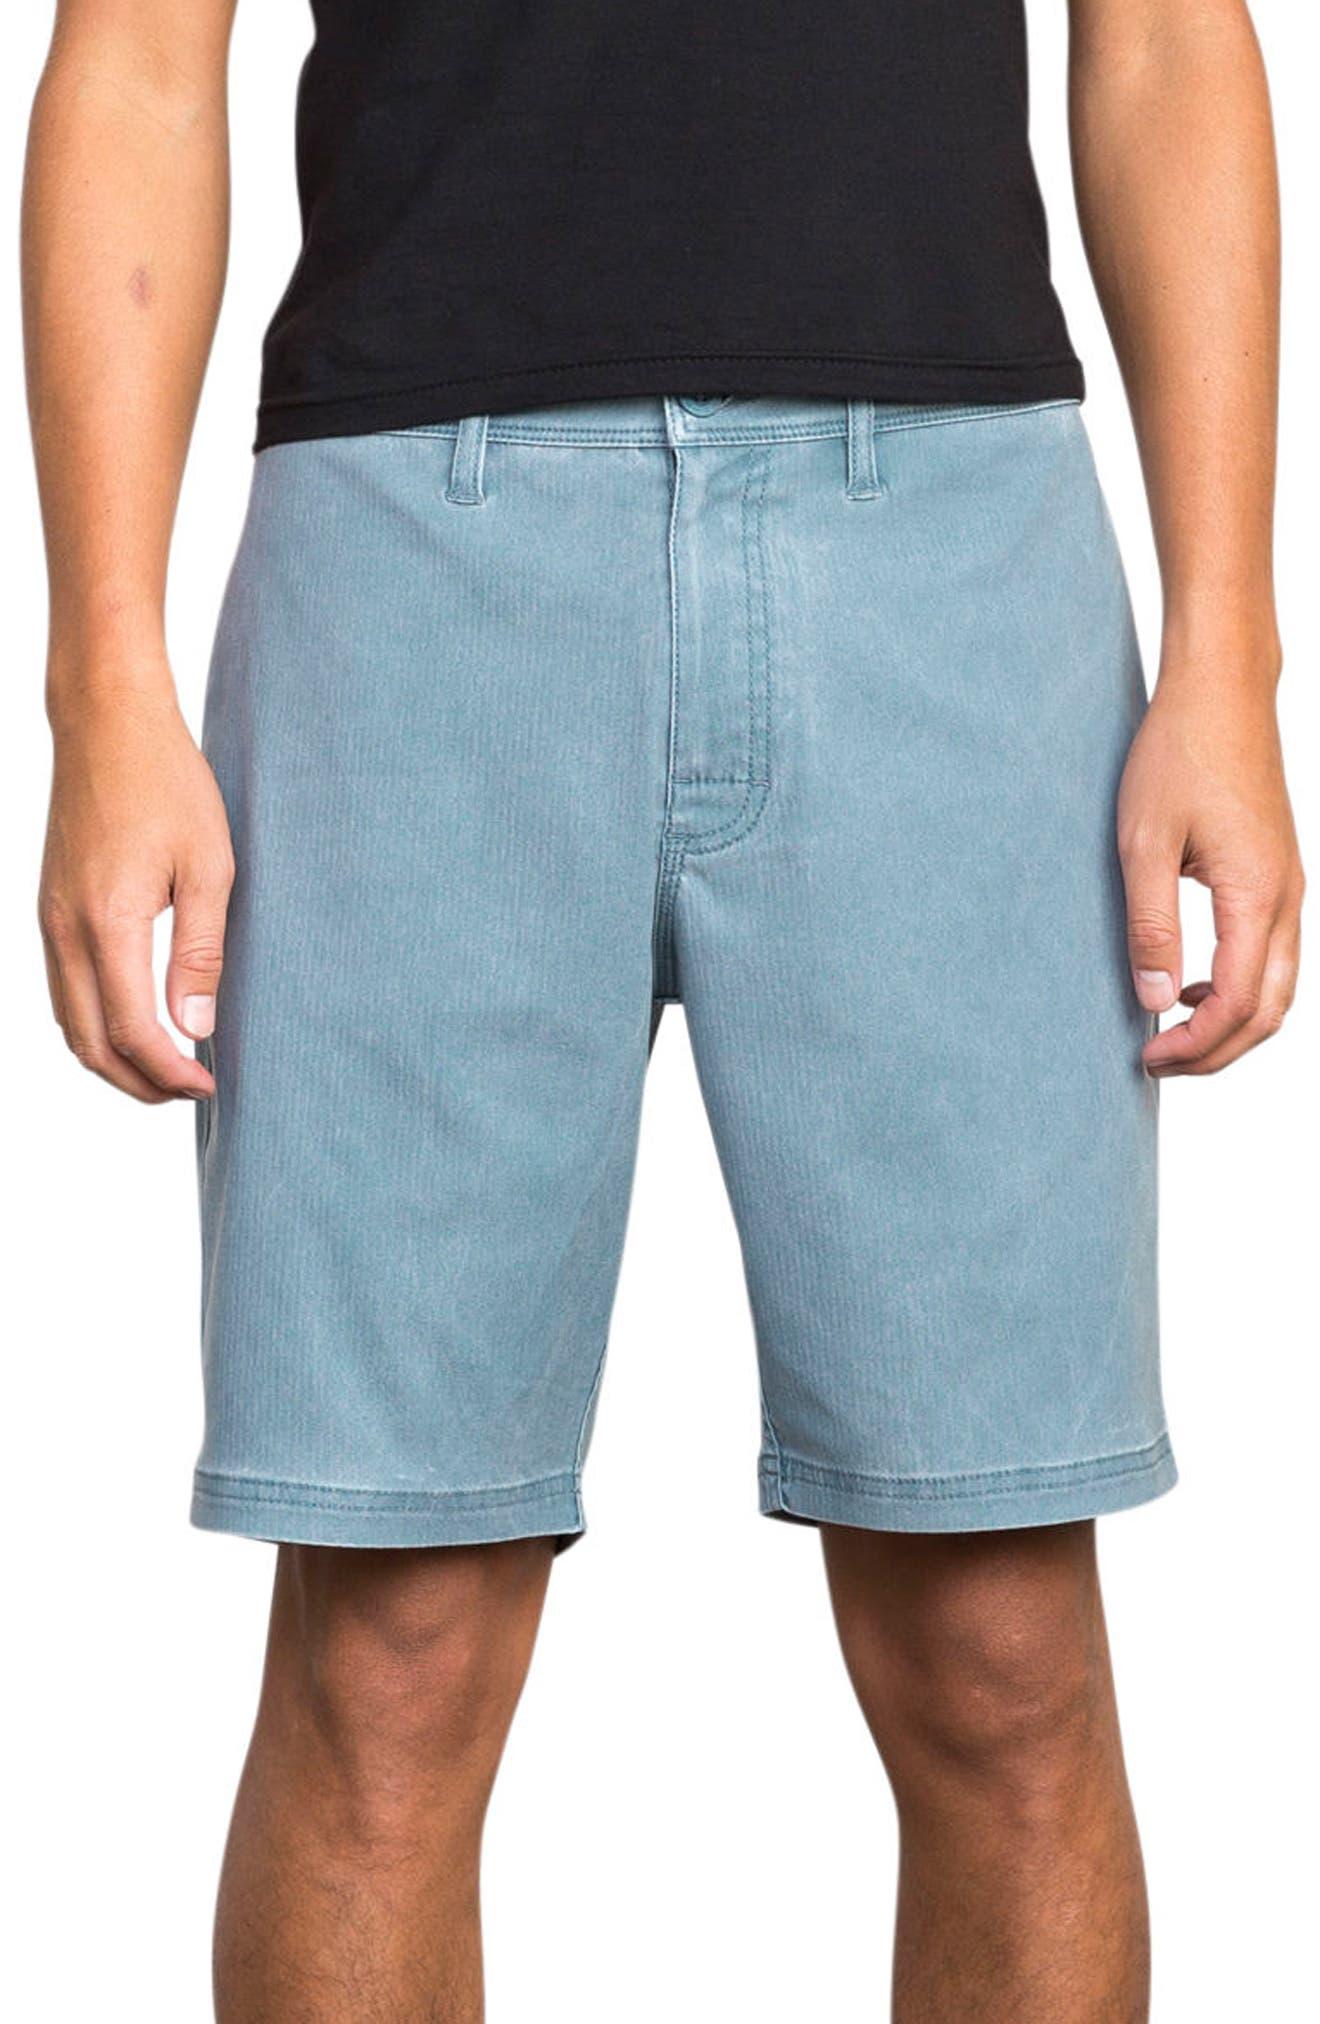 Django Hybrid Shorts,                             Main thumbnail 1, color,                             434